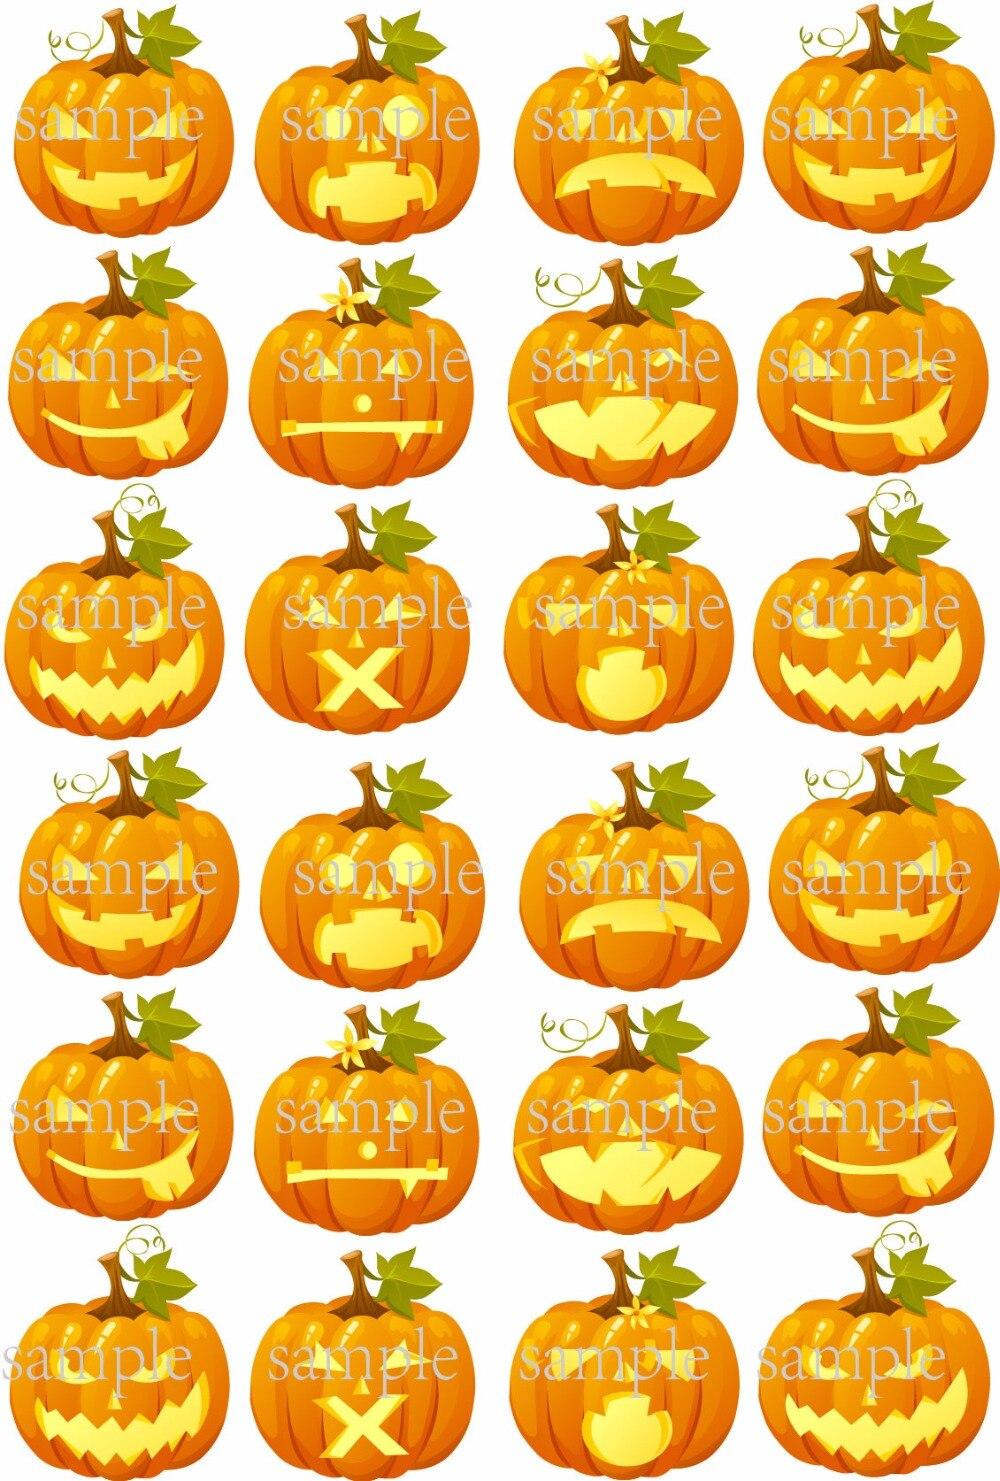 24 pumpkin emojis edible cake topper wafer rice paper cake decoration halloween cupcake topper wedding cake